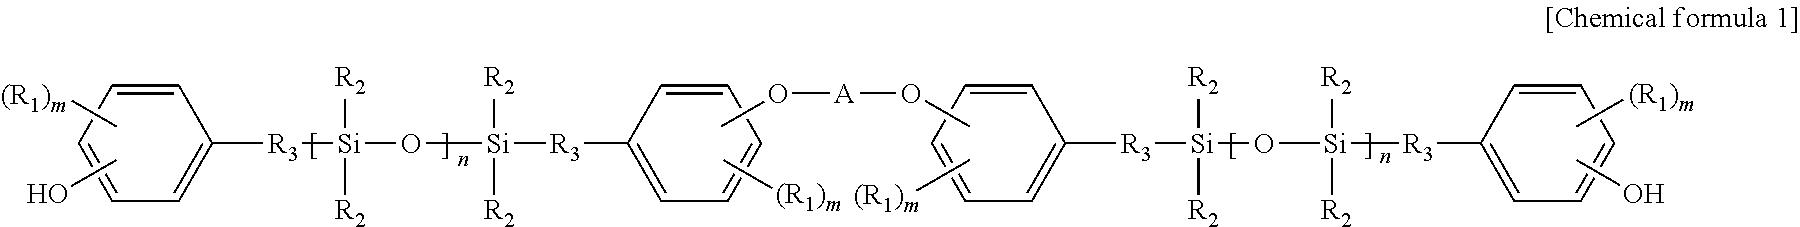 Figure US20160122477A1-20160505-C00001